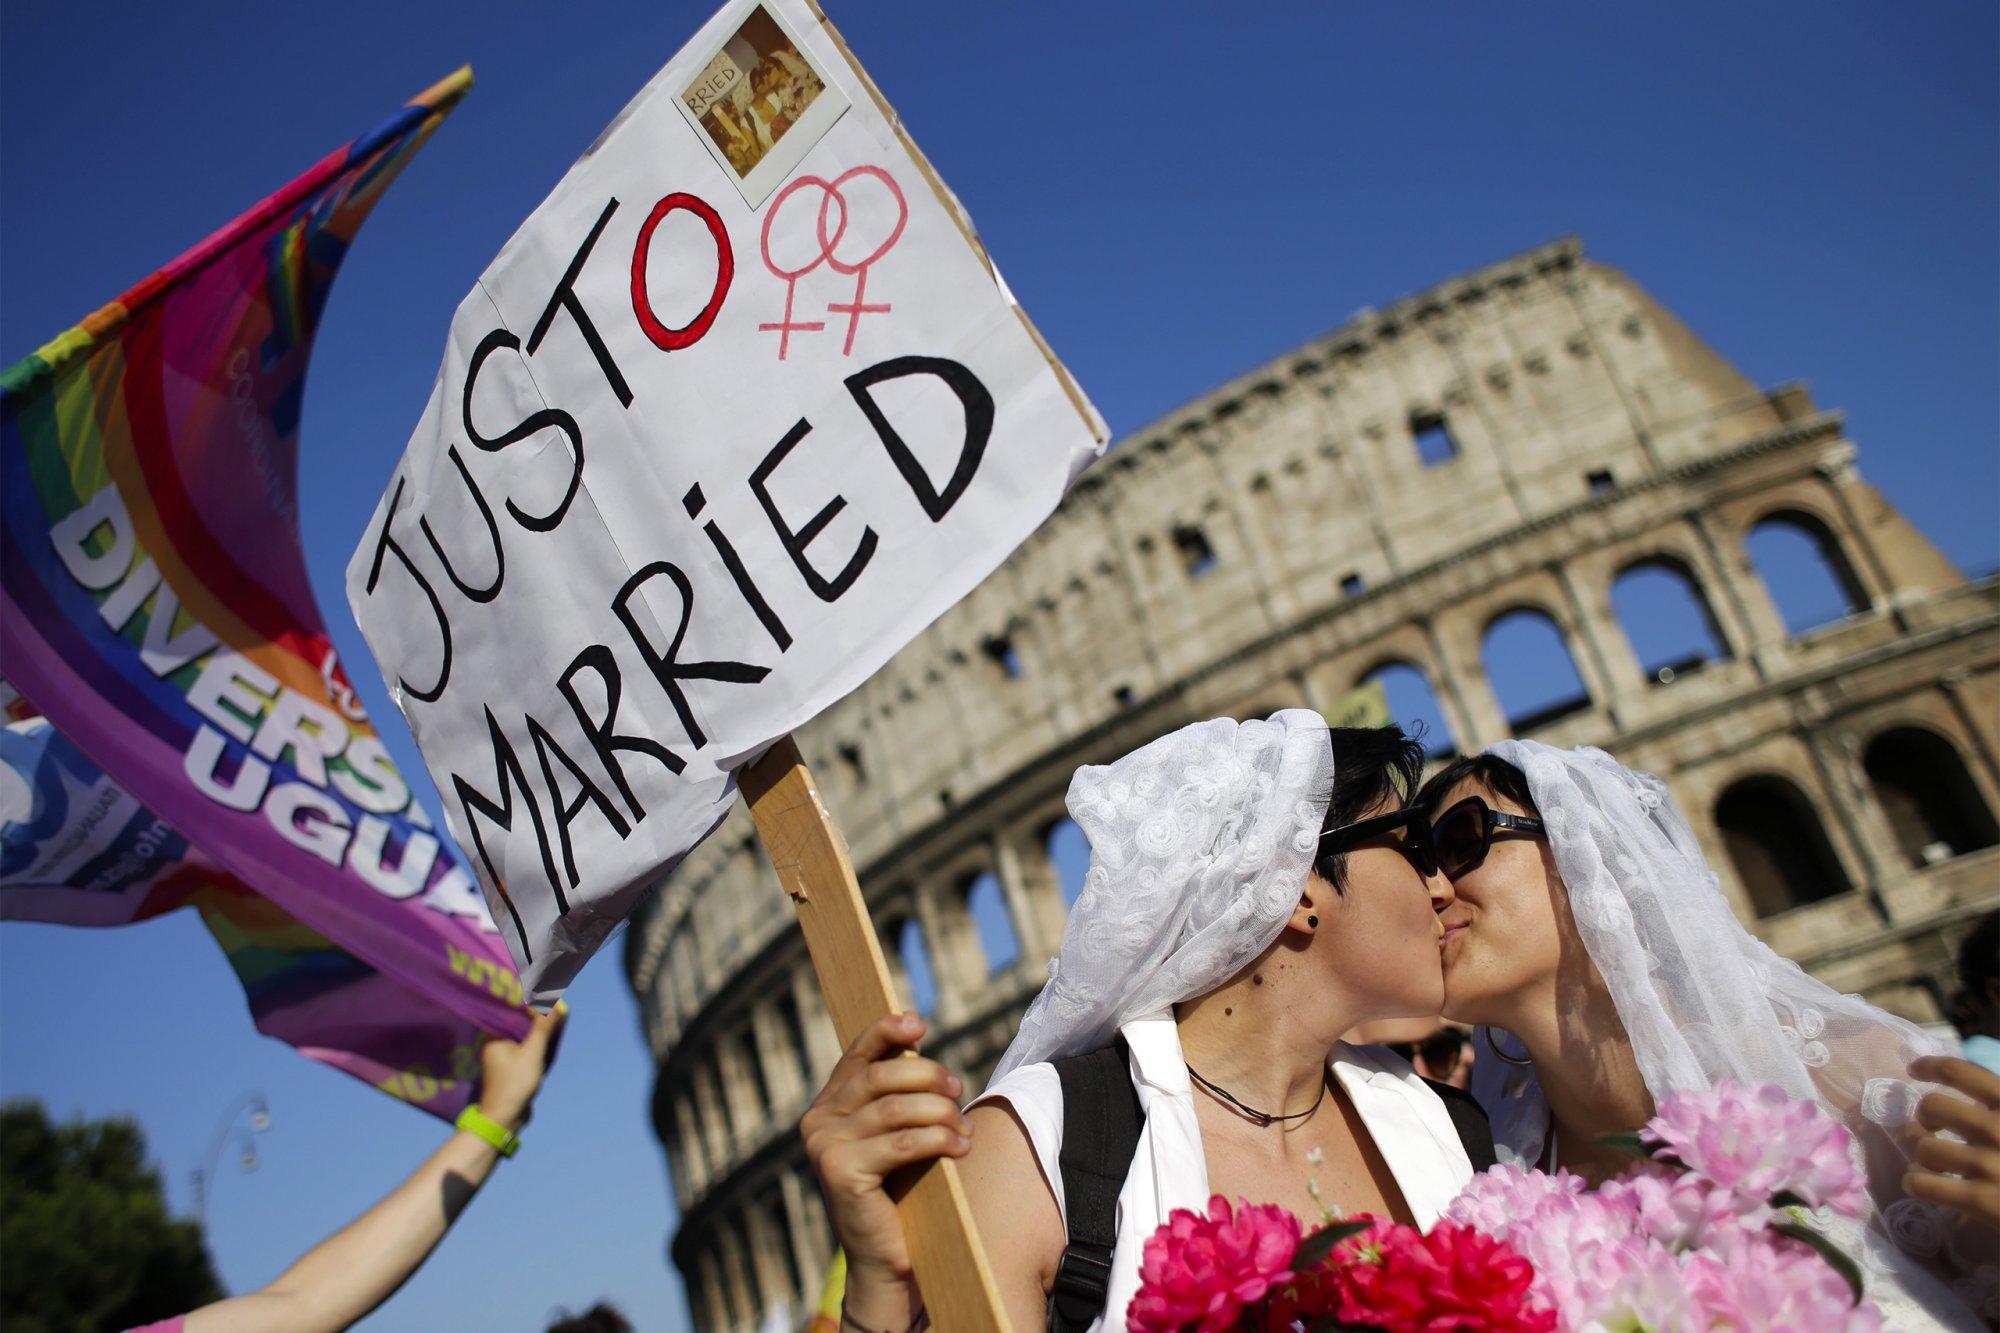 Italie : le Parlement adopte l'union civile pour les couples homos